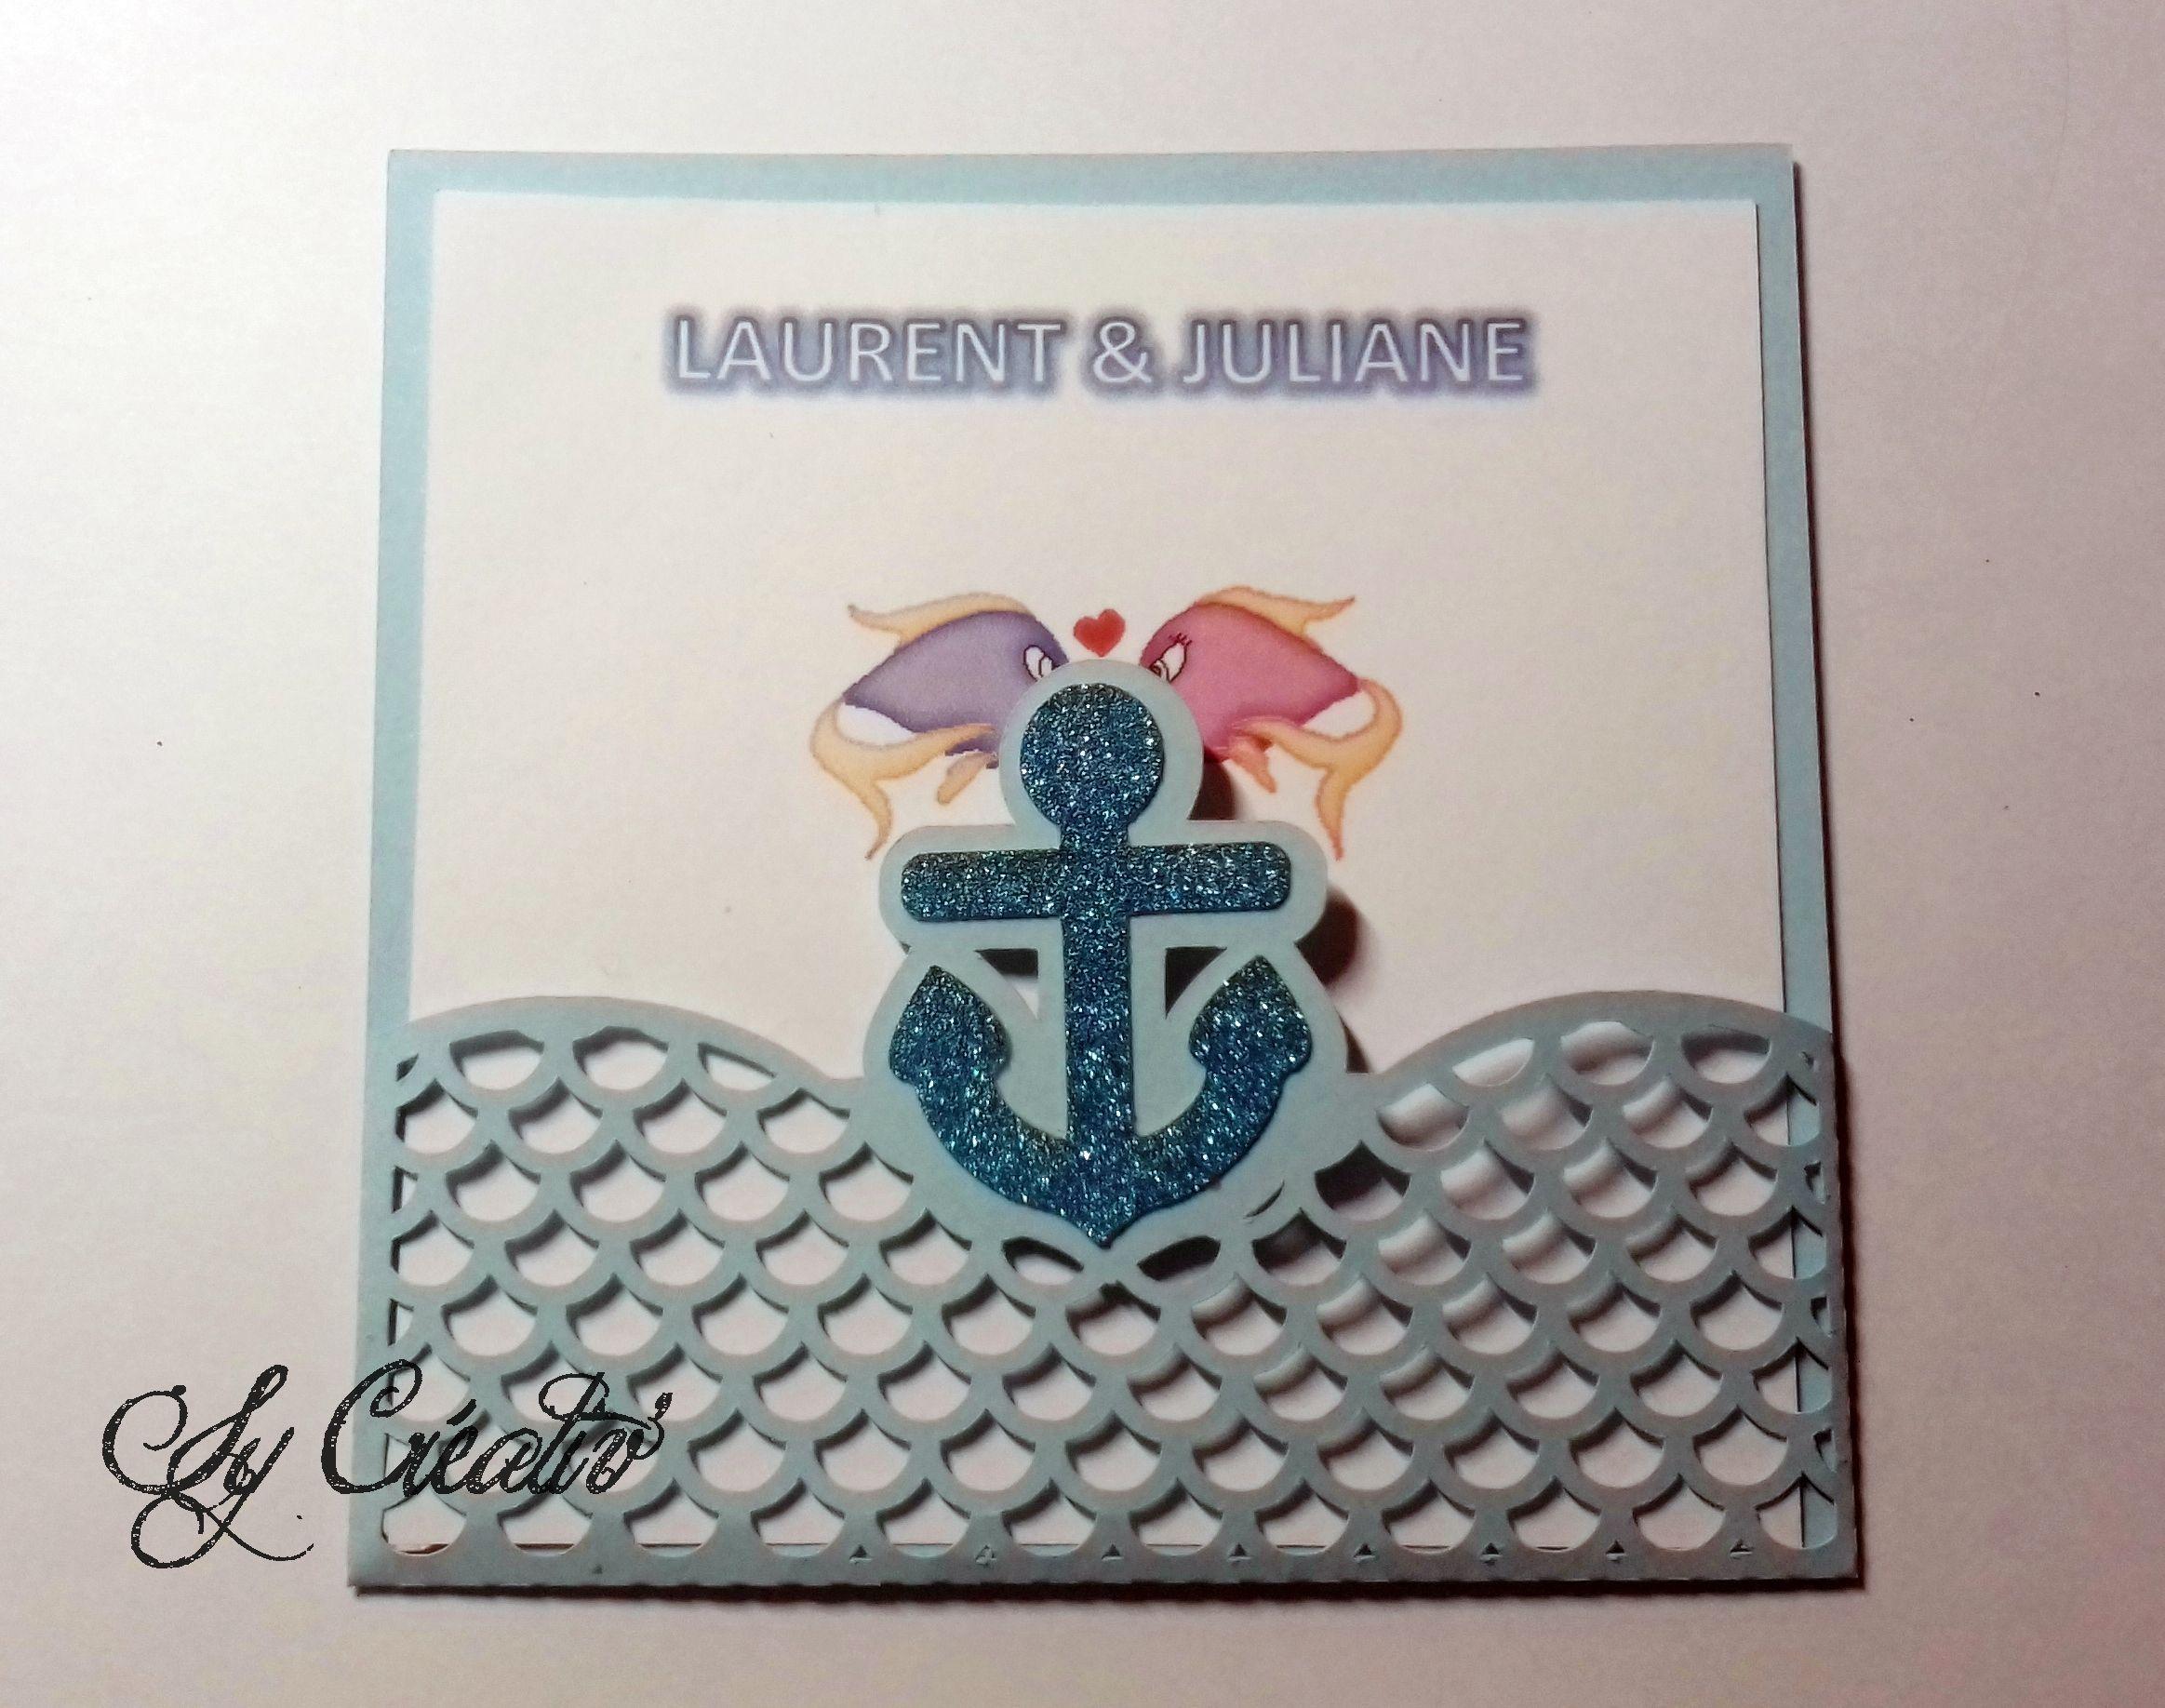 10 INVITATIONS / FAIRE-PARTS mariage pochette thème la mer, marin, ancre, bleu et blanc, poissons, prénoms,couleur au choix